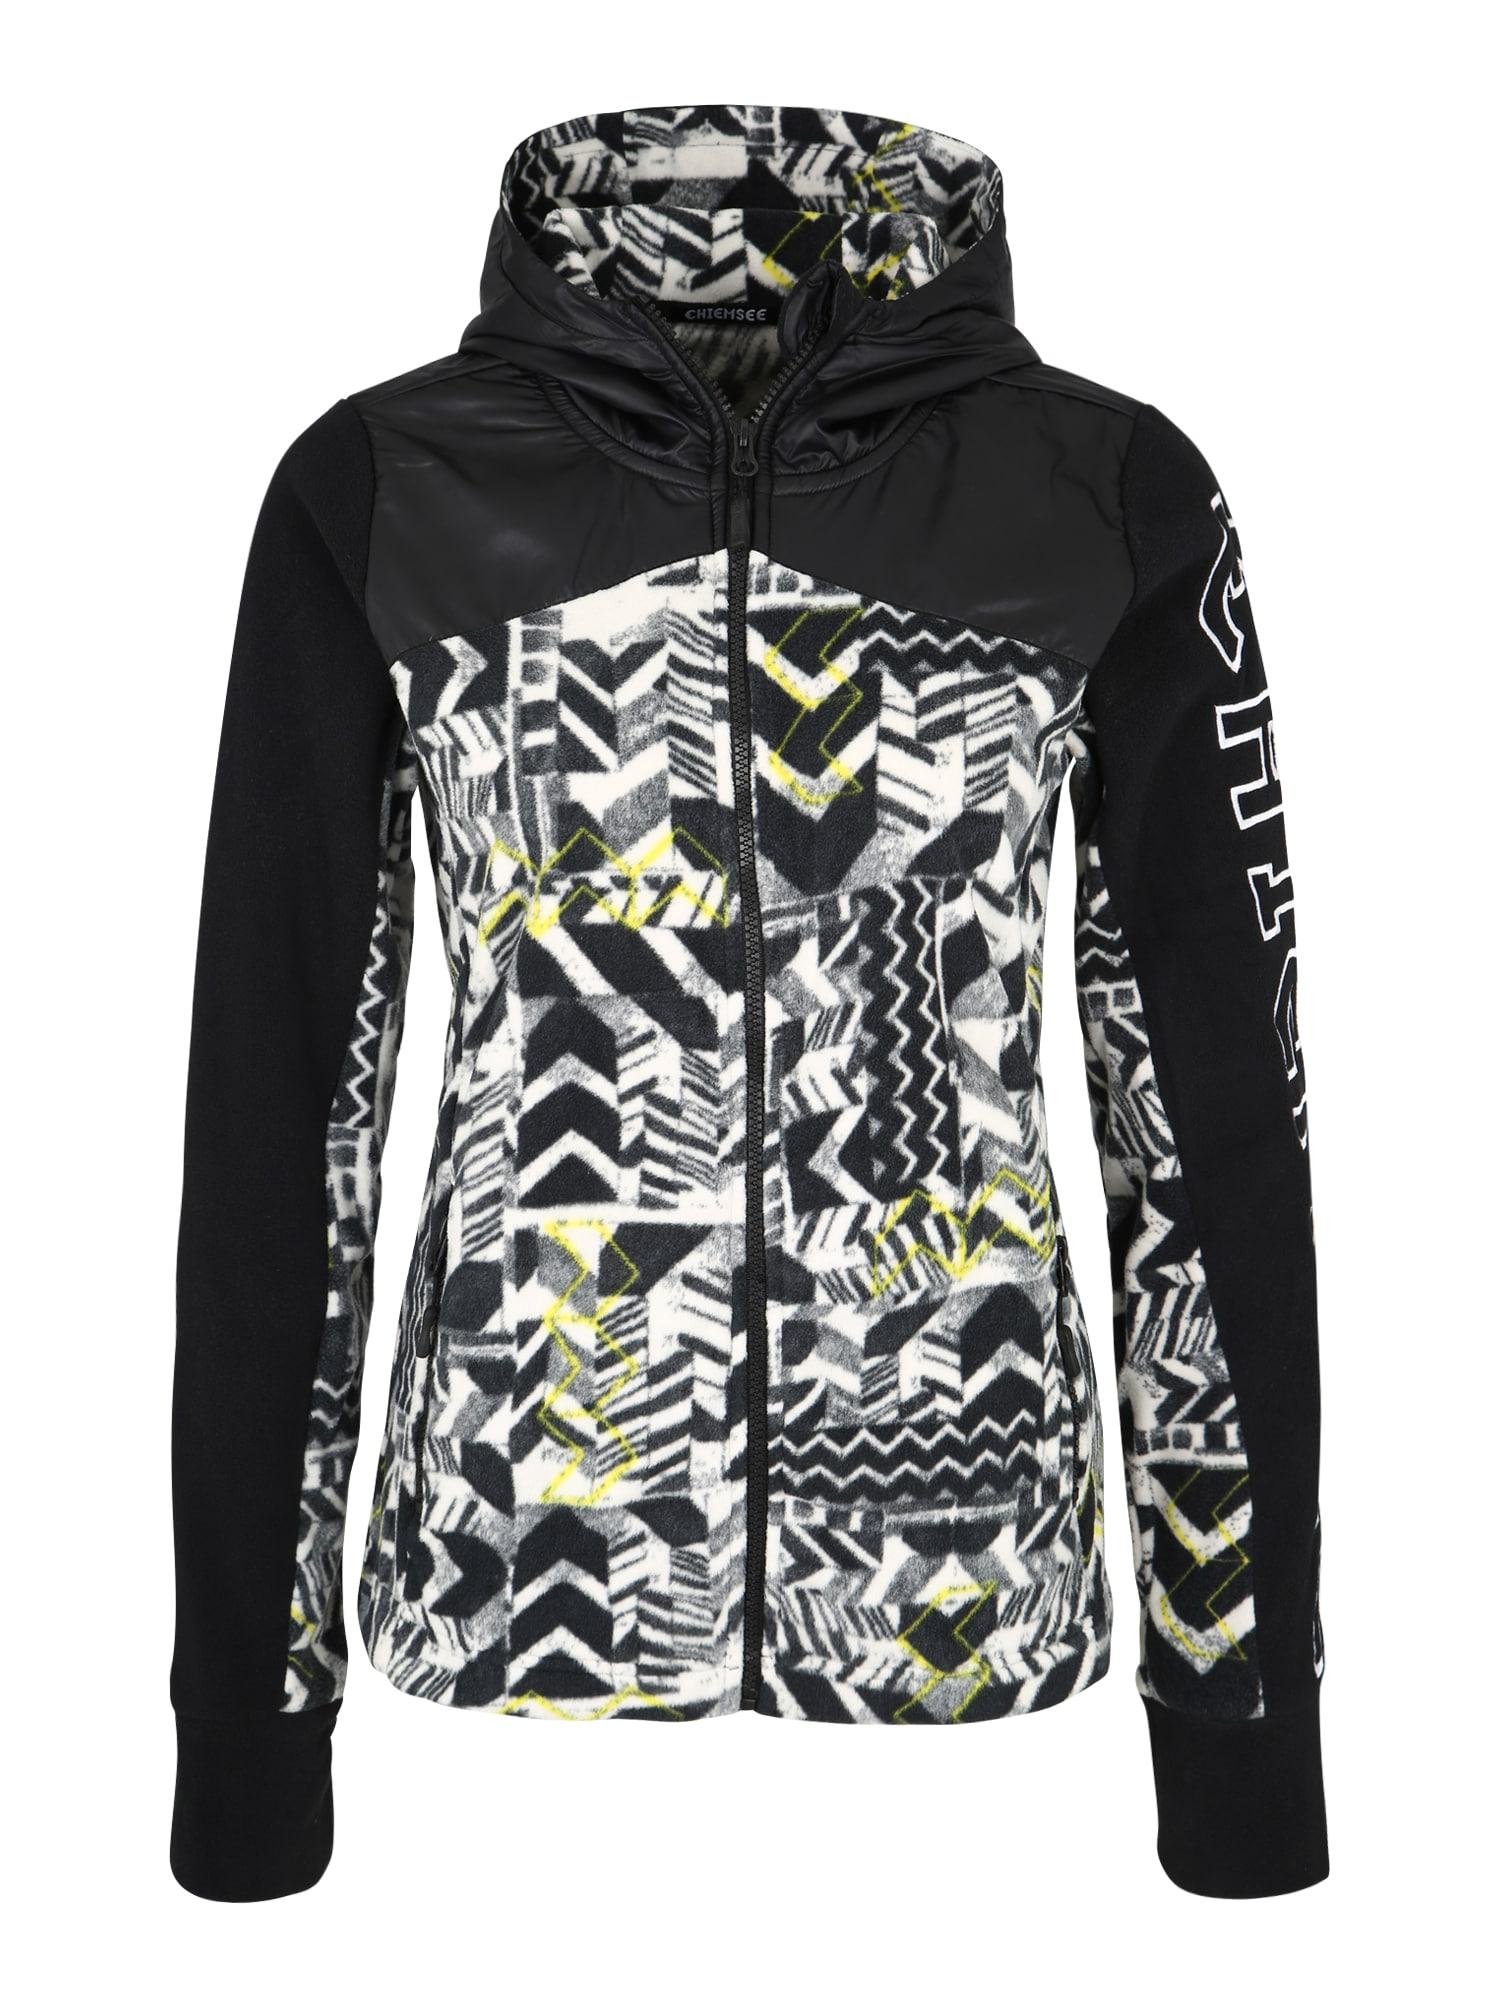 CHIEMSEE Sportinio tipo megztinis juoda / balta